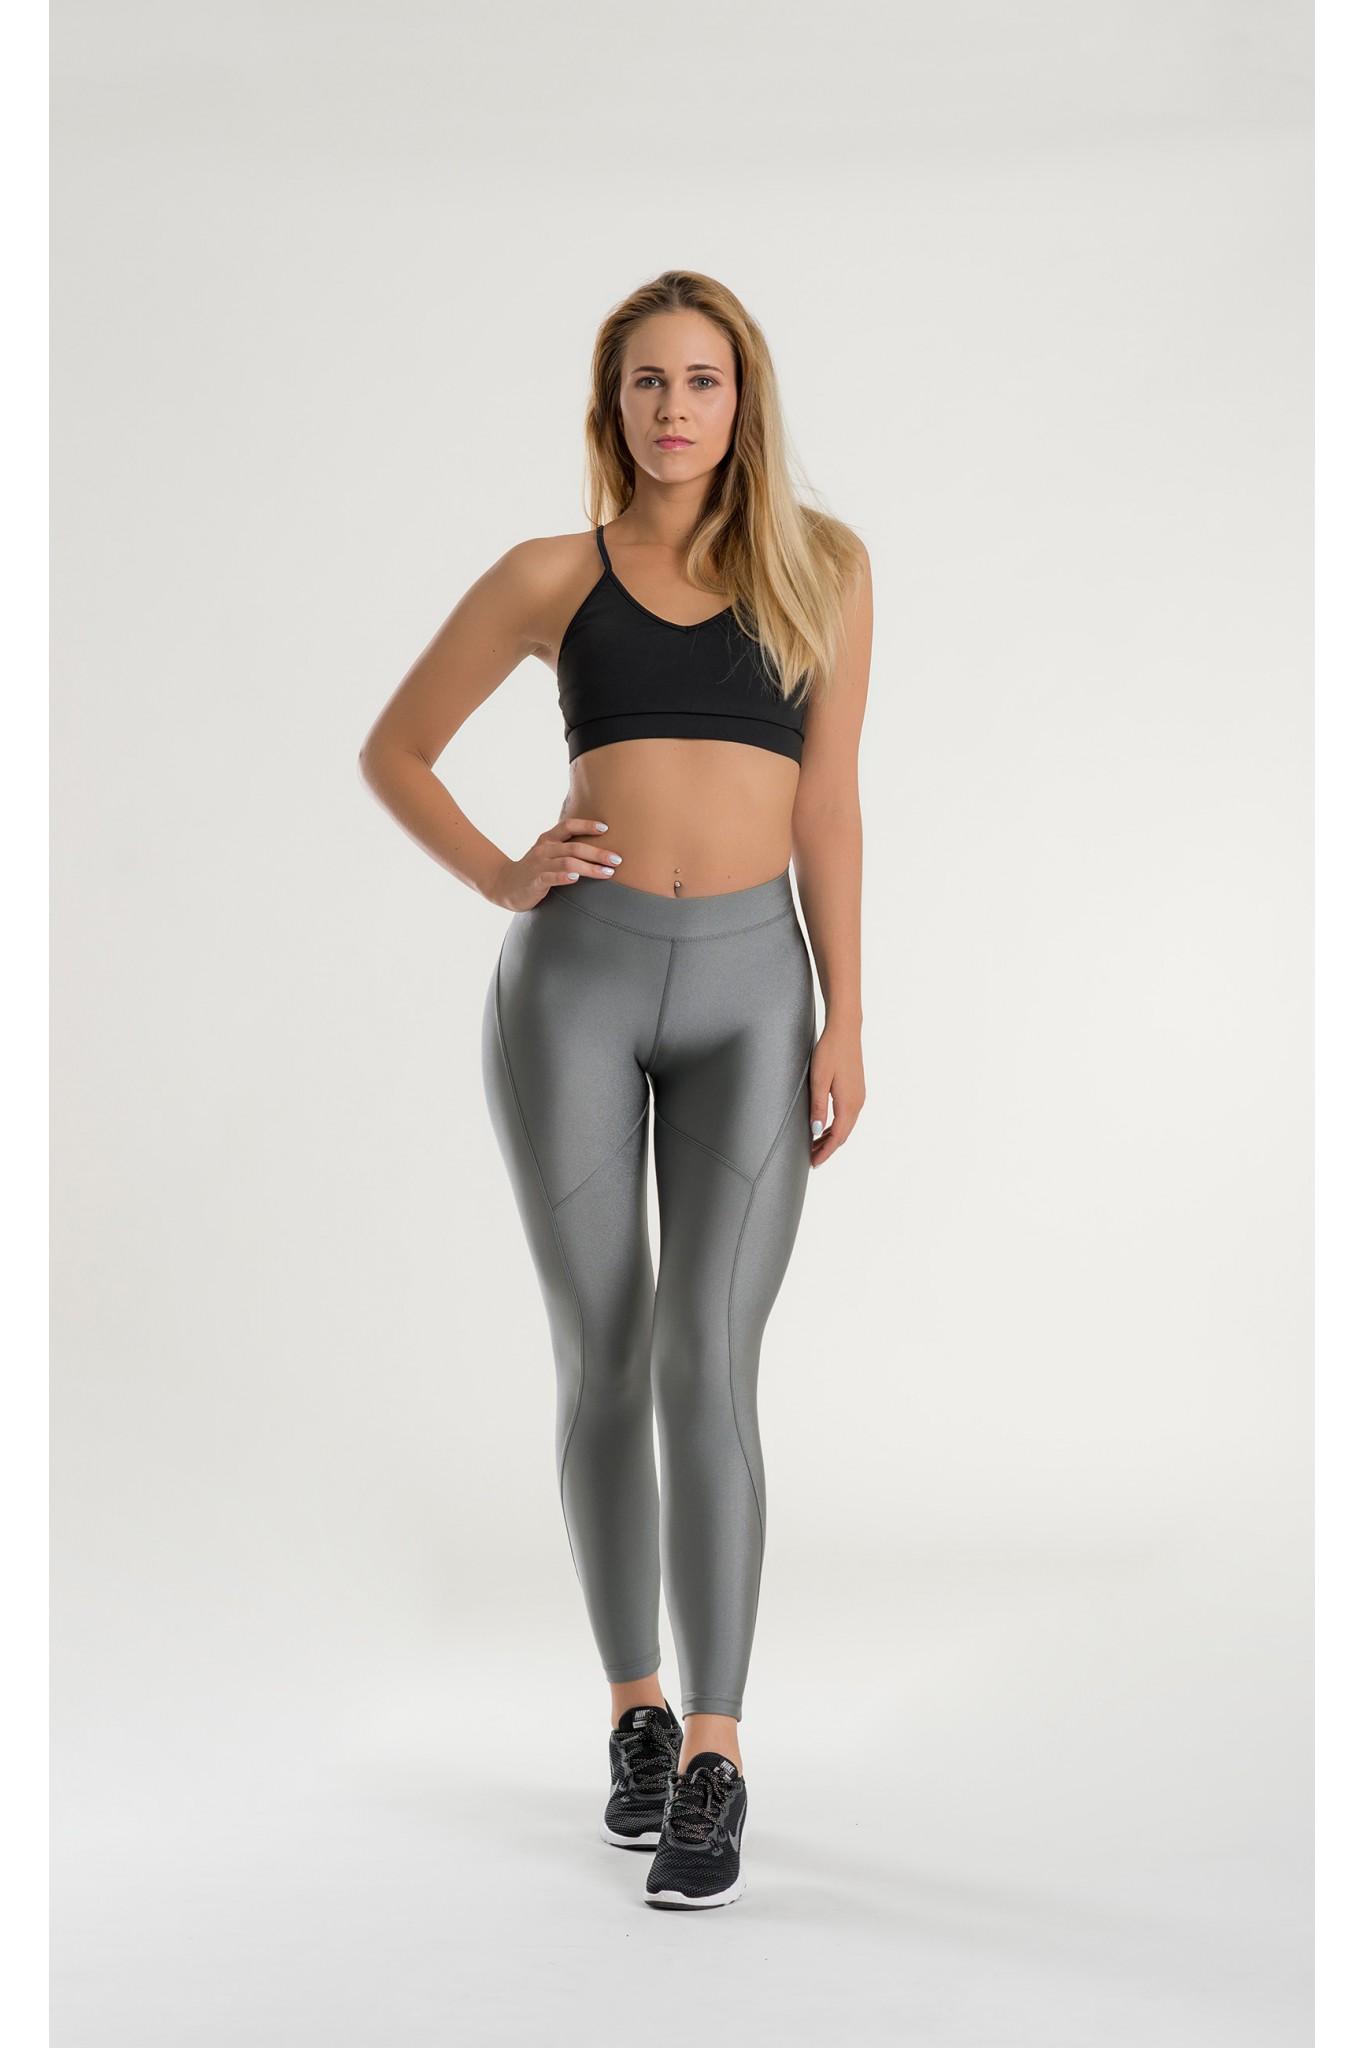 e17ac67086de0 Size Guide. Shine Bright Silver Leggings